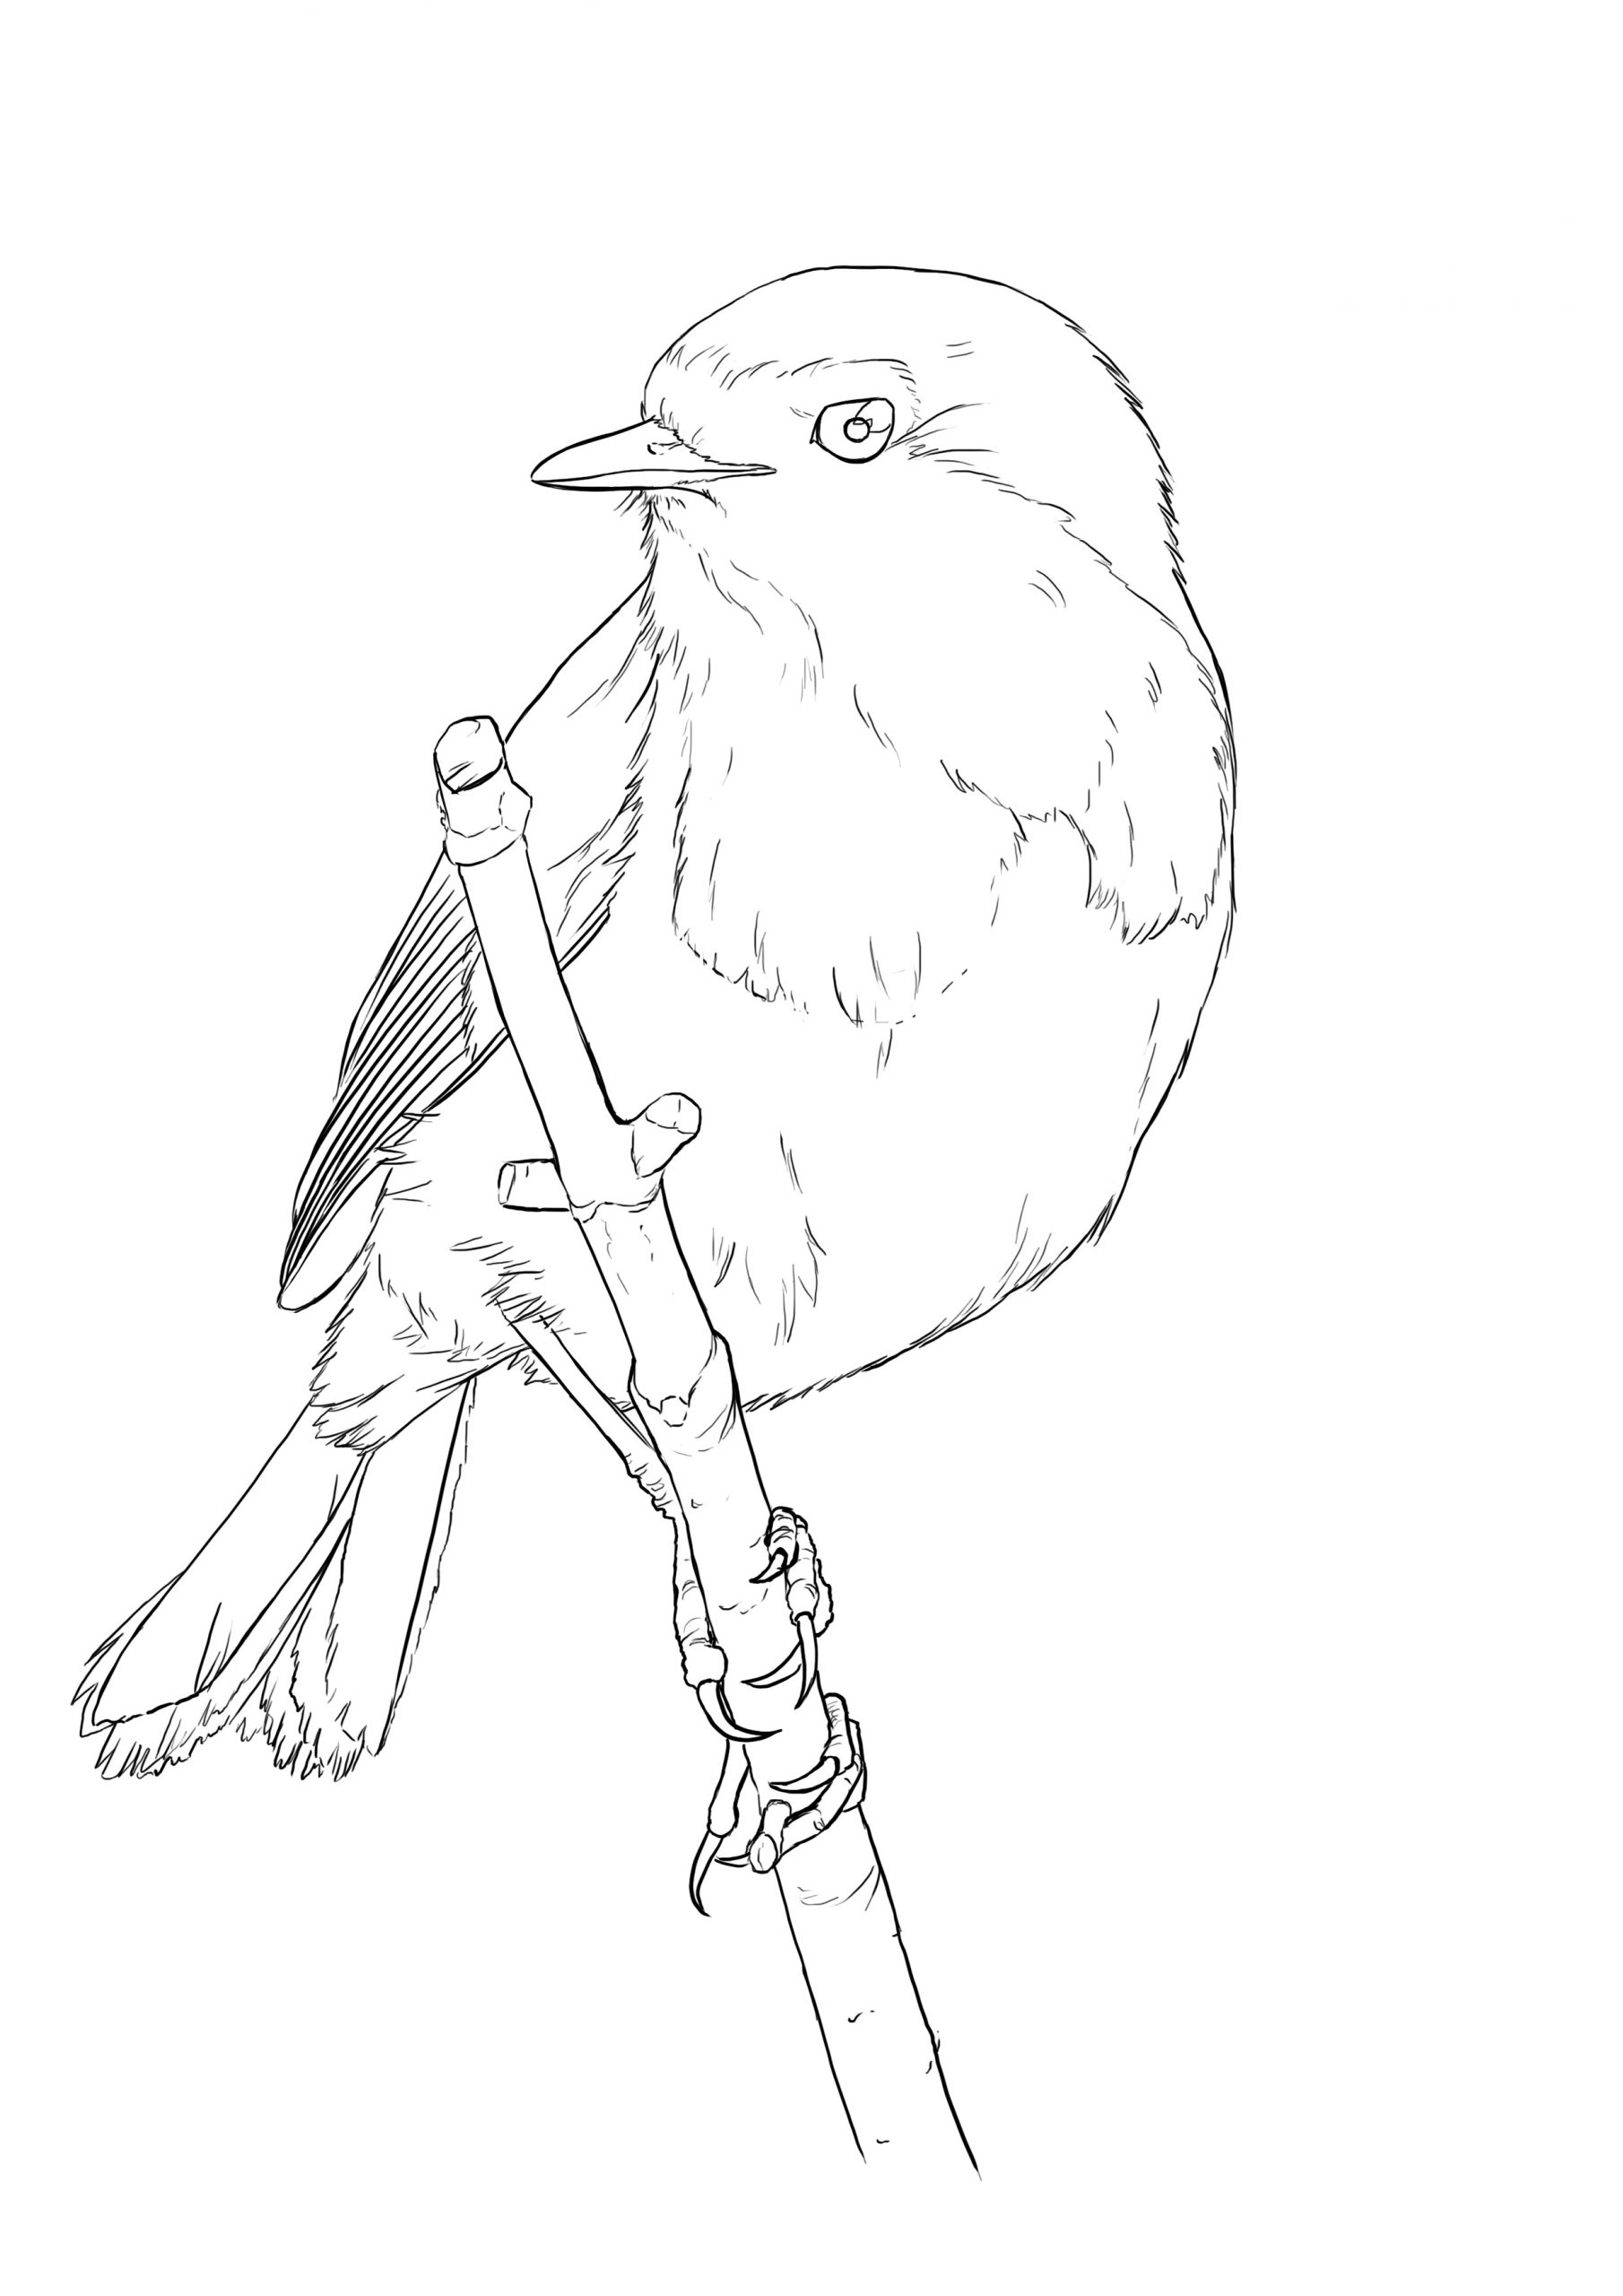 Comment Dessiner Un Oiseau Facilement - Dessindigo intérieur Dessin D Oiseau Simple